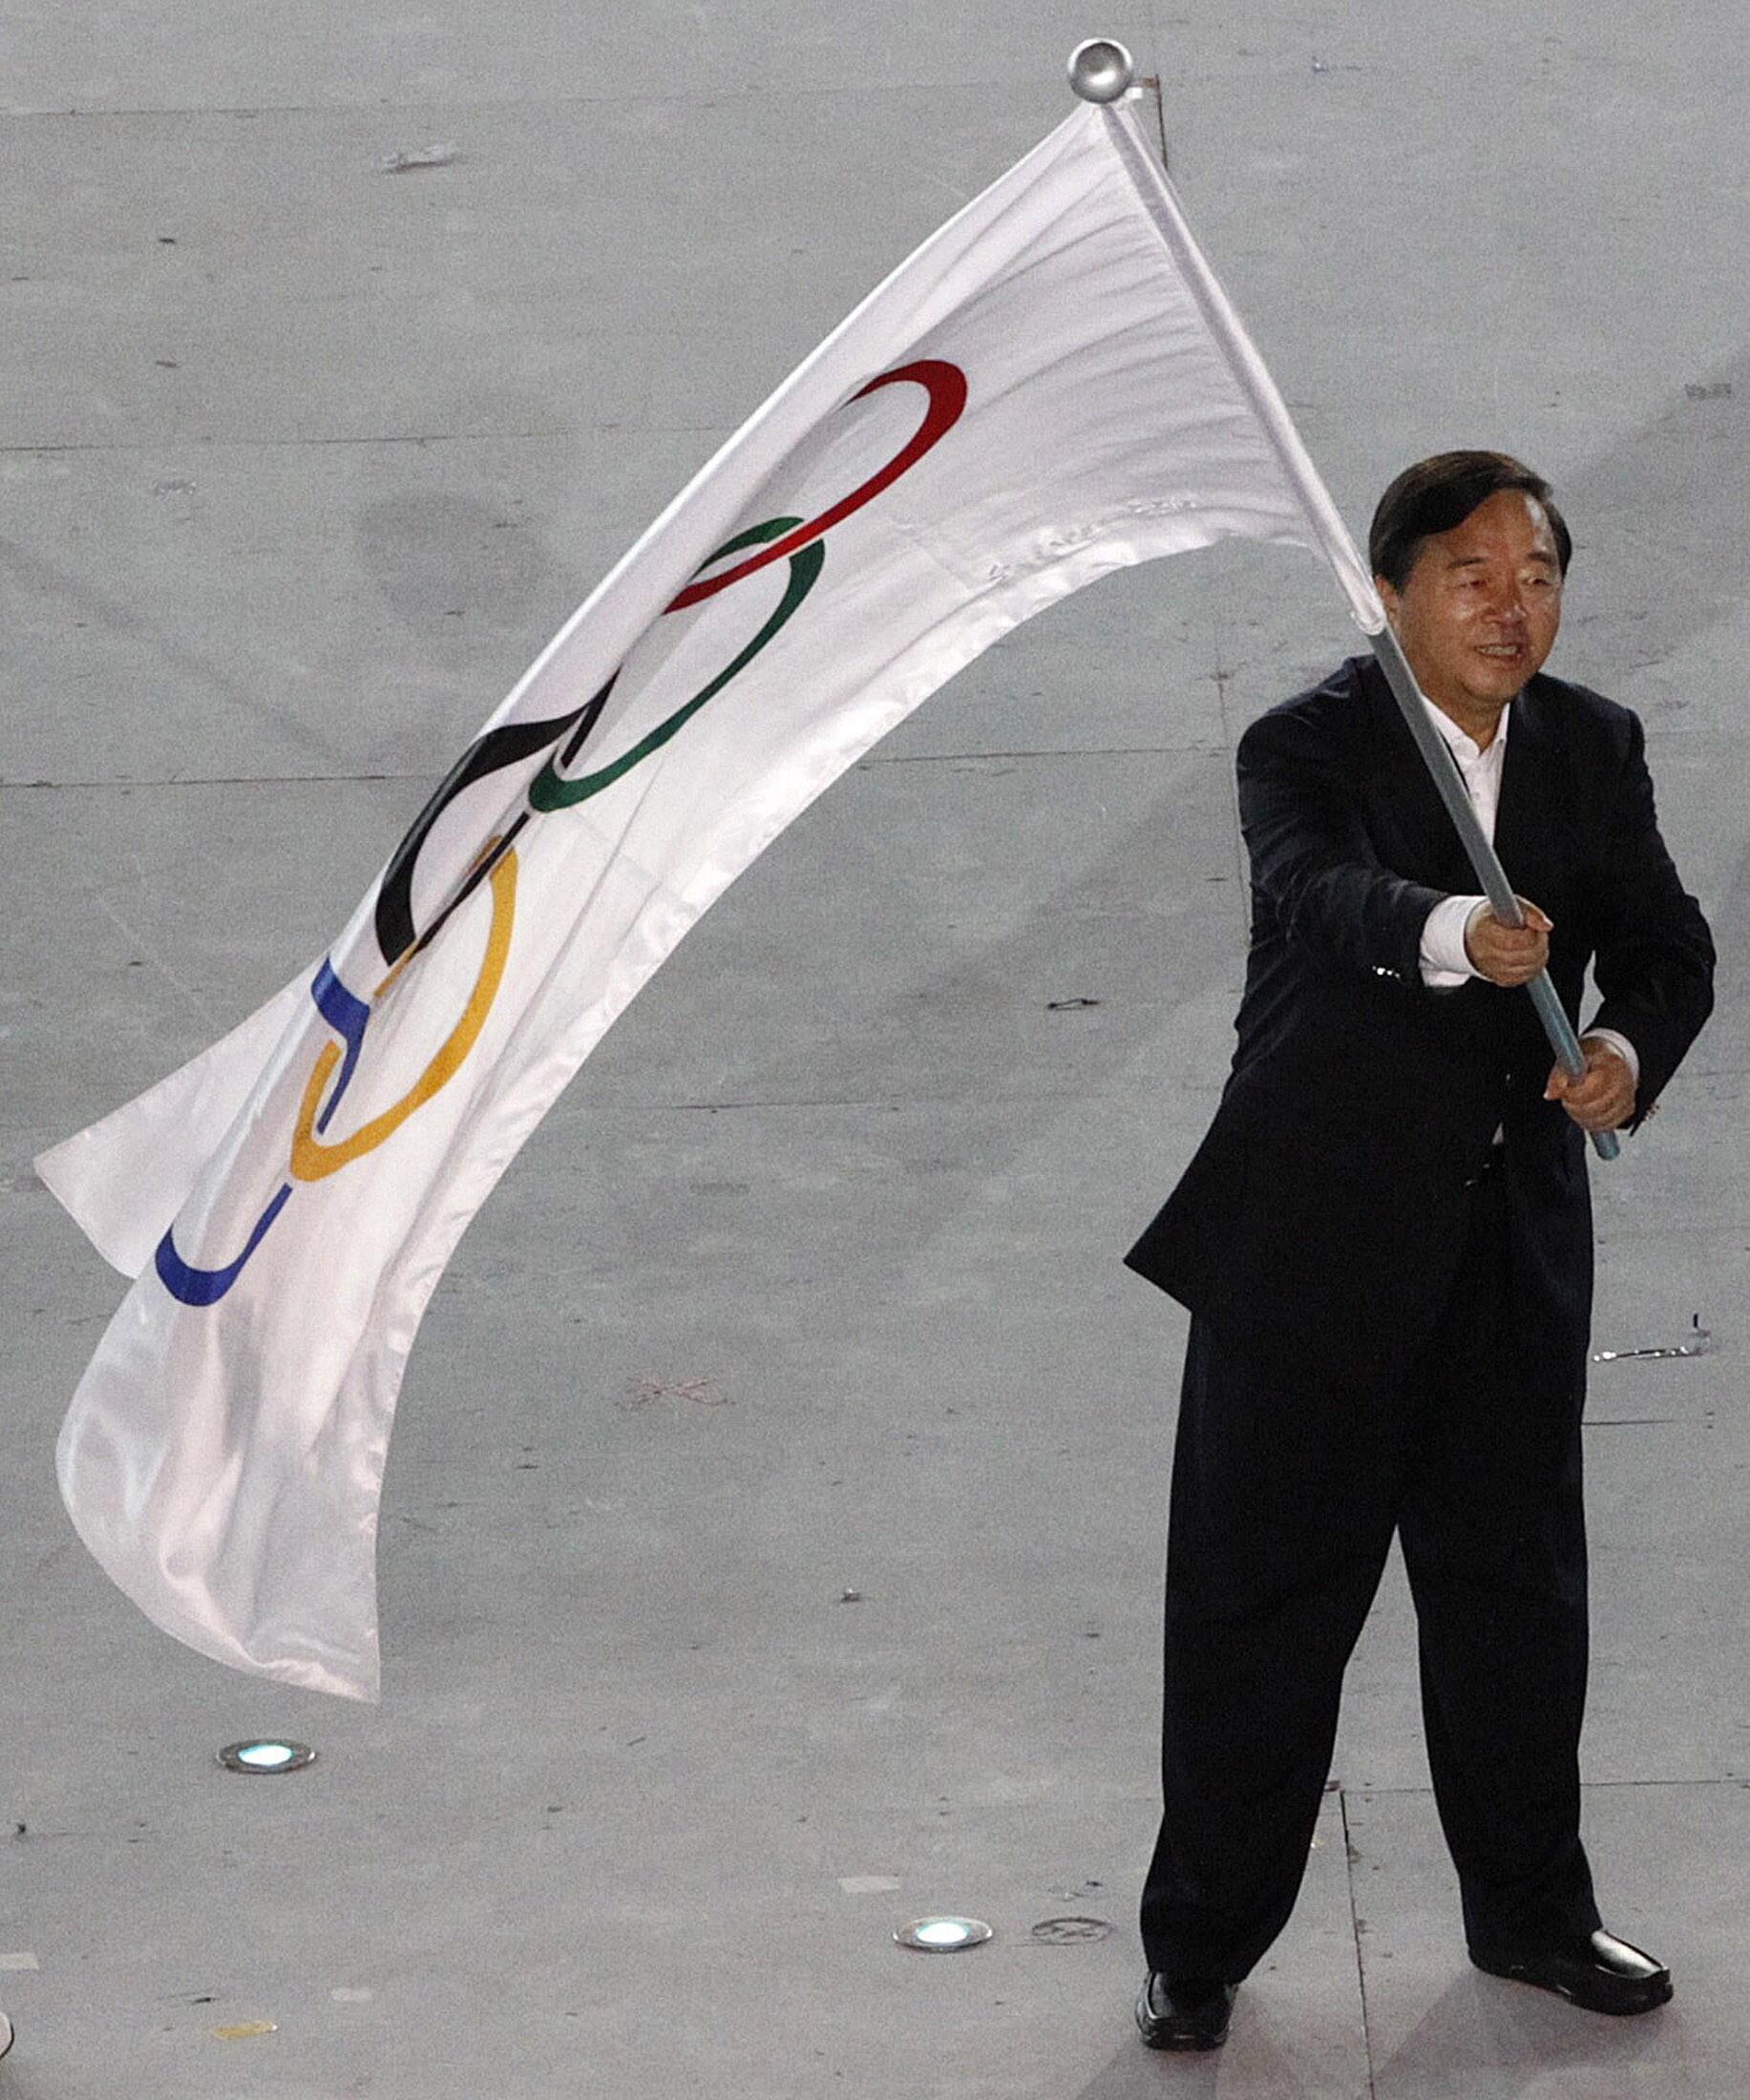 Thị trưởng Nam Kinh Quý Kiến Nghiệp  trong lần tham dự  Đại hội thể thao trẻ 2010 tại Singapore - REUTERS /Issei Kato